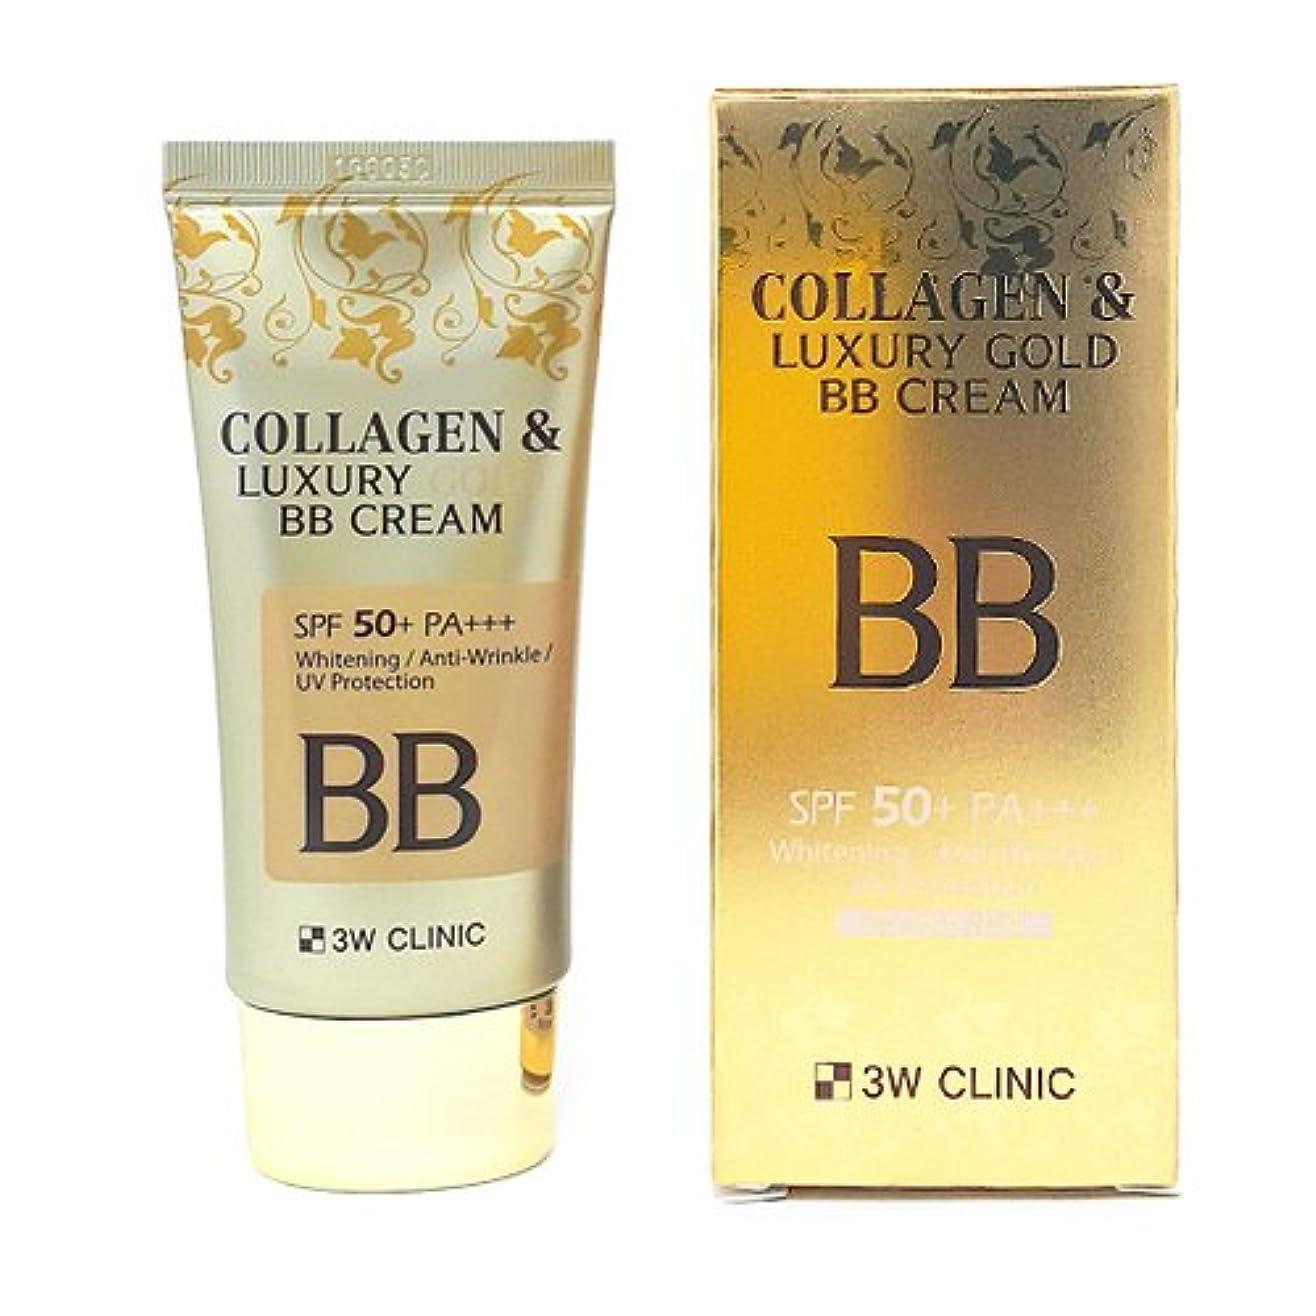 クリスチャン技術者ピービッシュ3Wクリニック[韓国コスメ3w Clinic]Collagen & Luxury Gold BB Cream コラーゲンラグジュアリーゴールド BBクリーム50ml 50+/PA+++[並行輸入品]